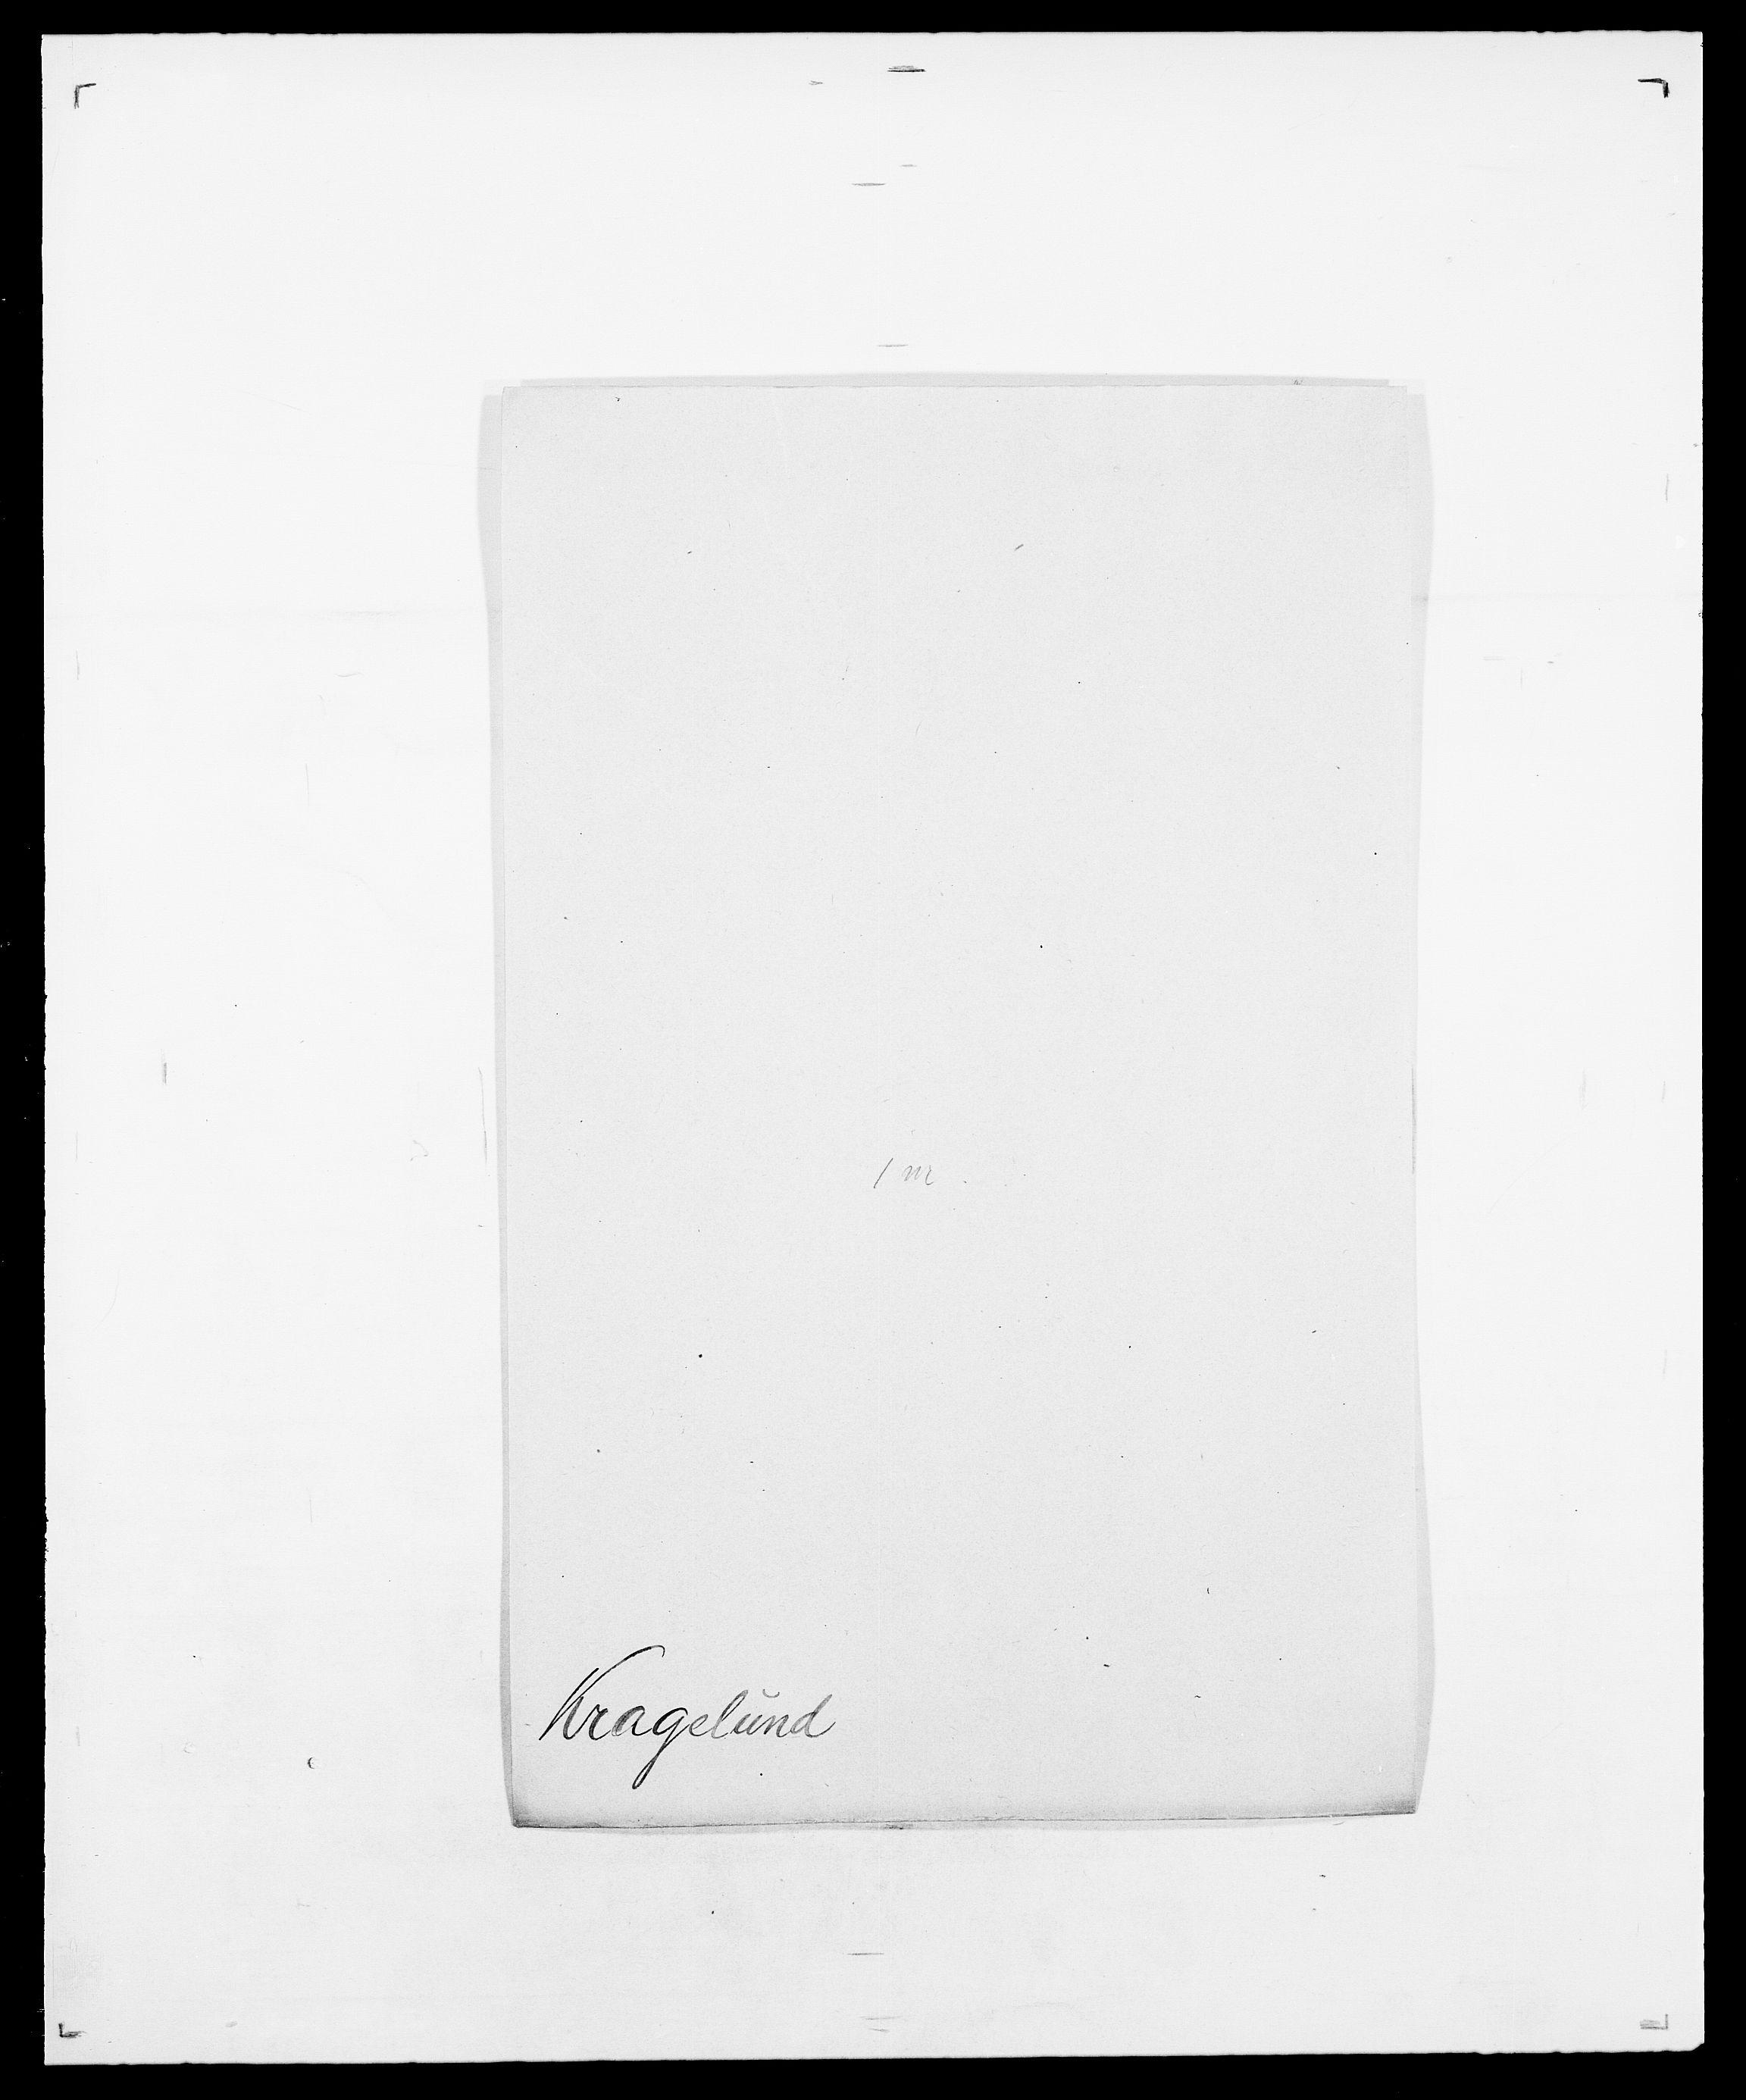 SAO, Delgobe, Charles Antoine - samling, D/Da/L0021: Klagenberg - Kristoft, s. 713